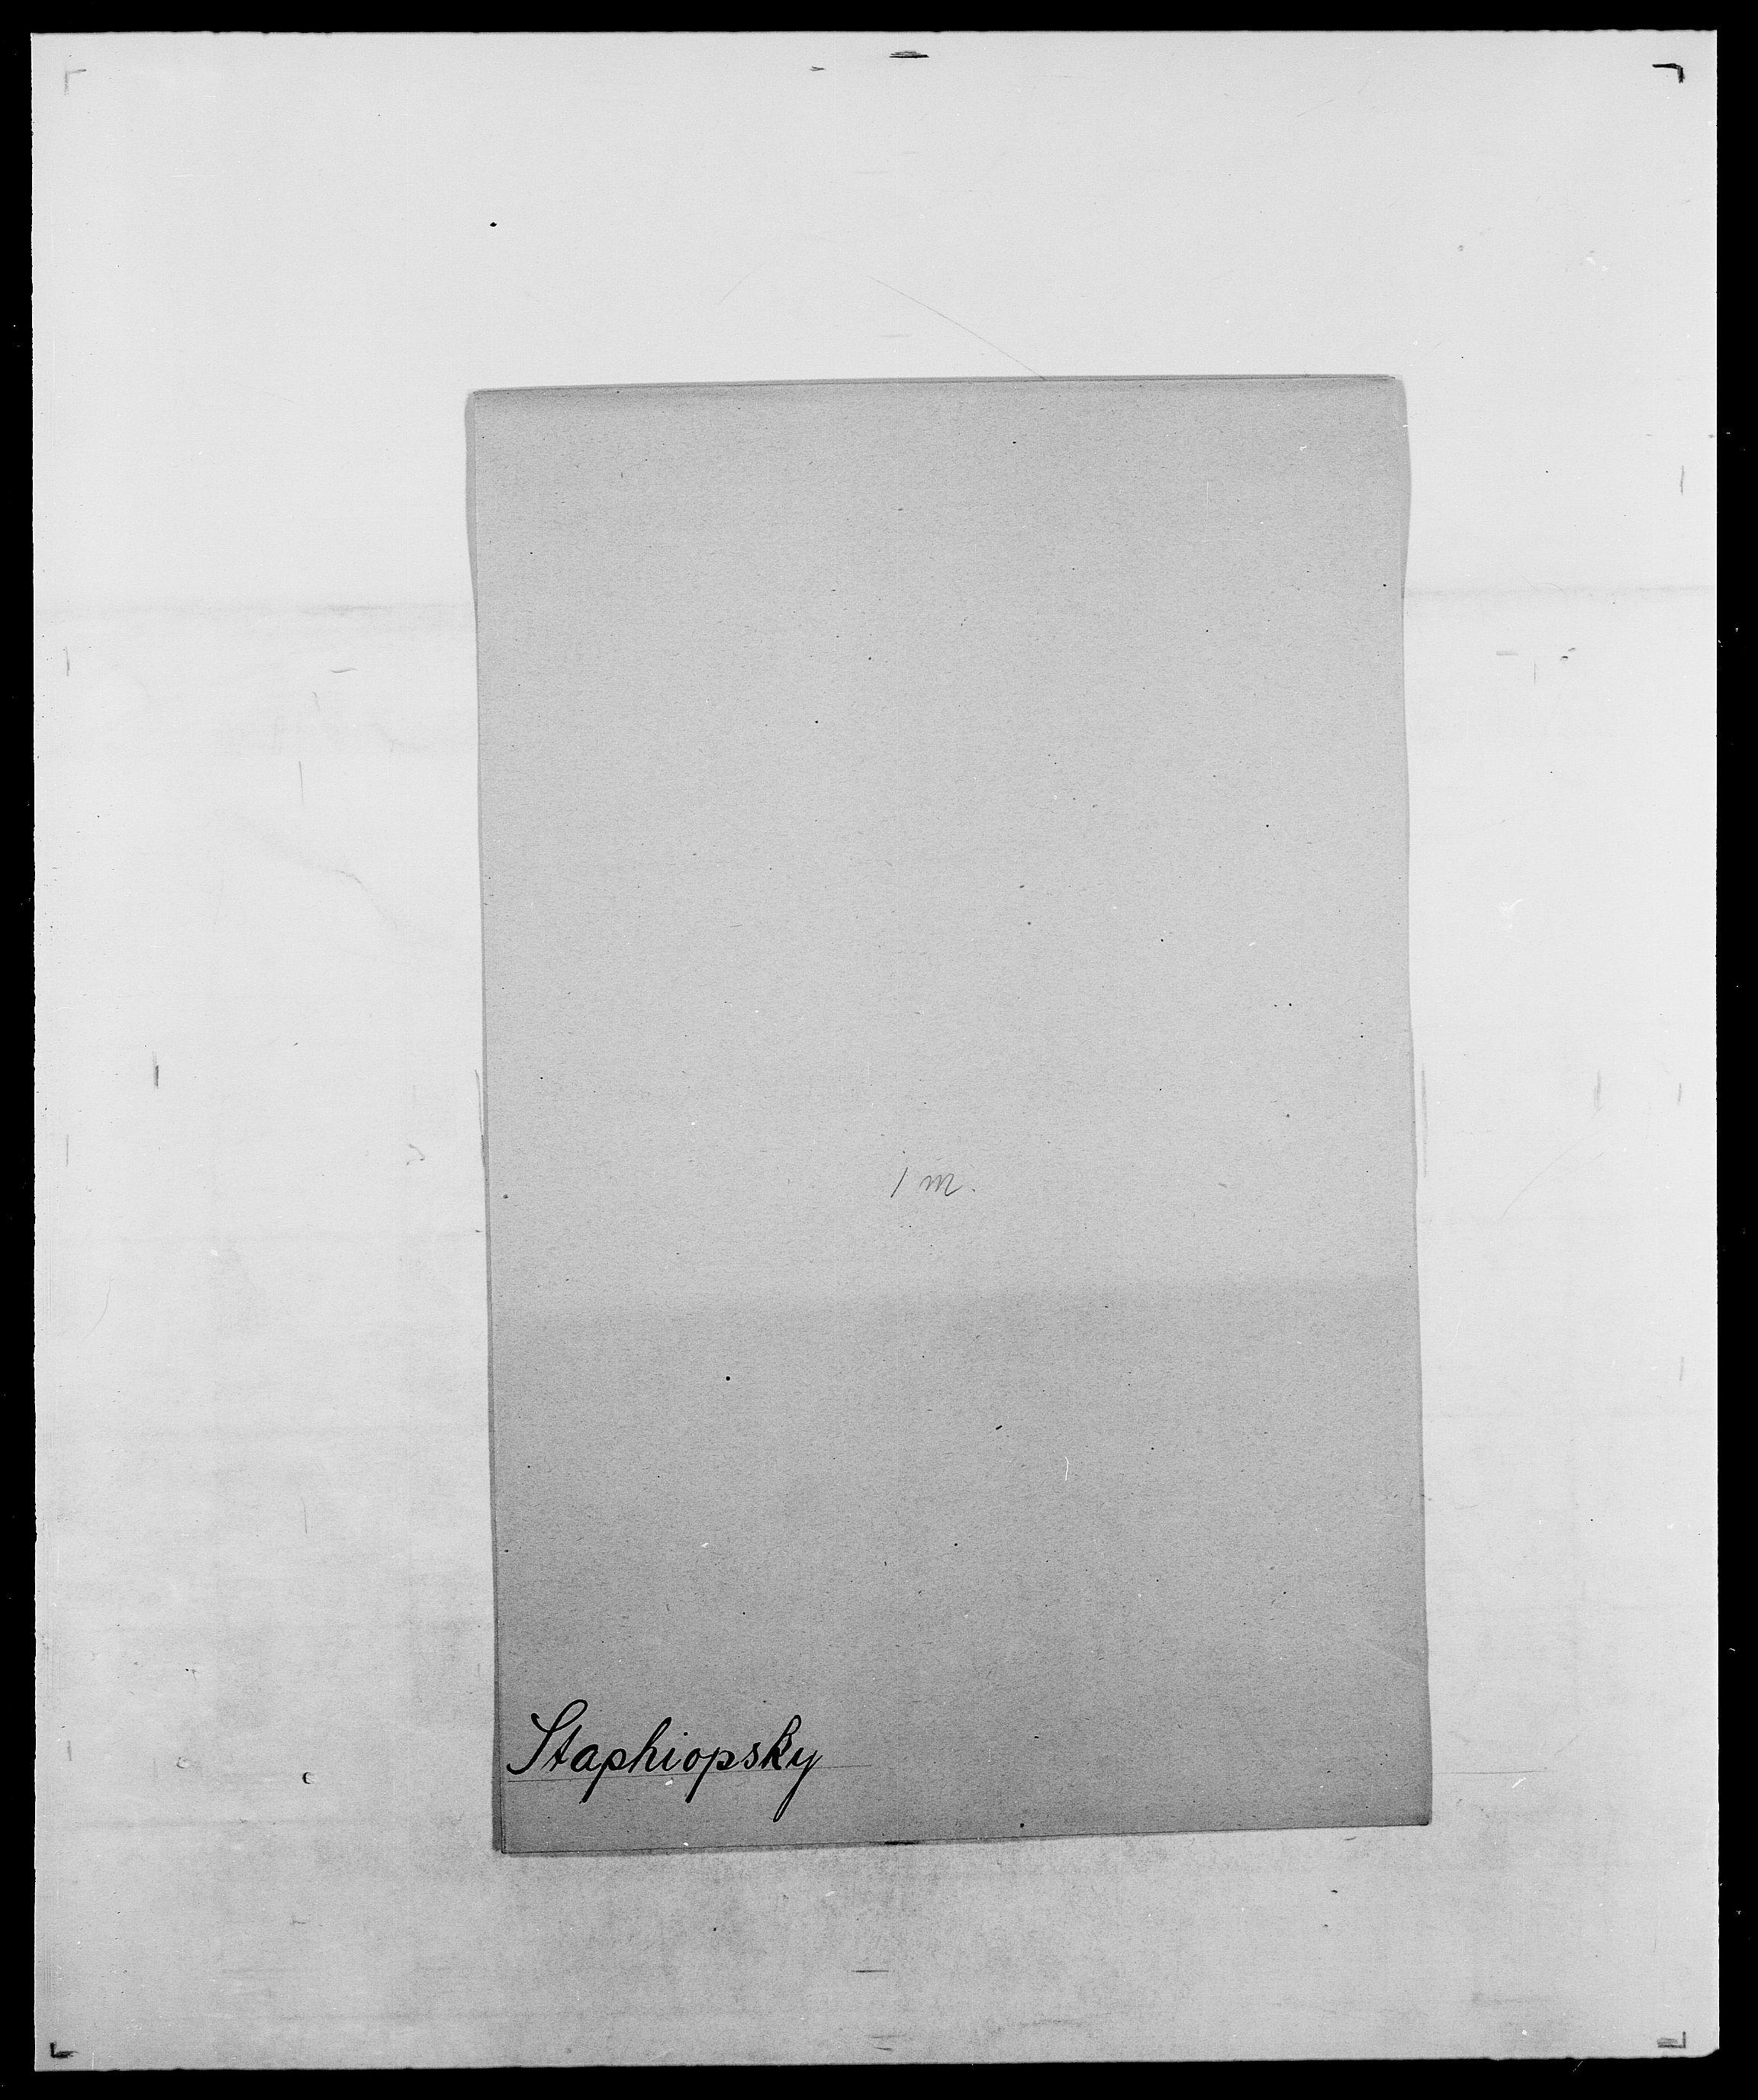 SAO, Delgobe, Charles Antoine - samling, D/Da/L0036: Skaanør - Staverskov, s. 994